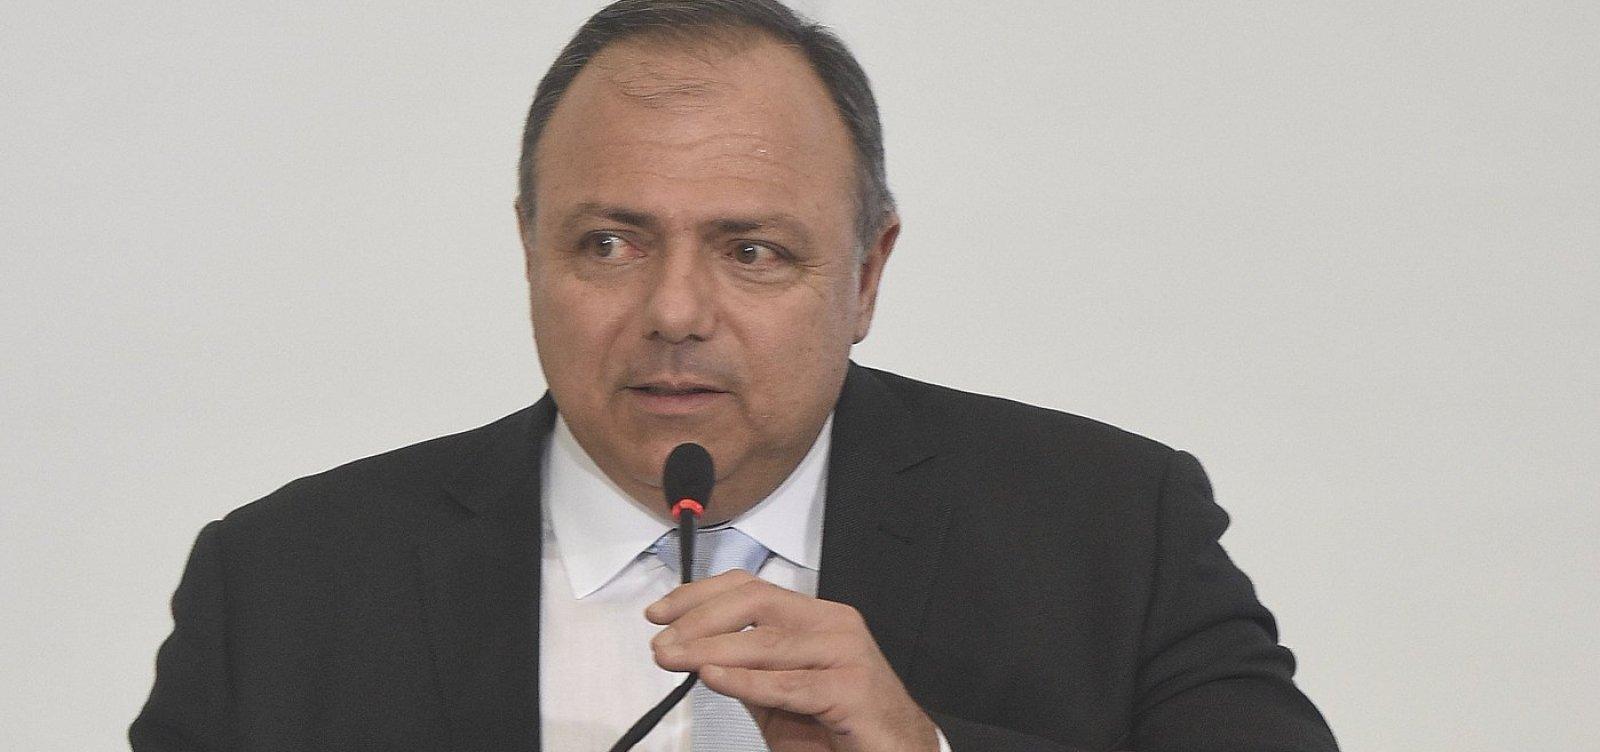 Ministro da Saúde ironiza 'ansiedade e angústia' por vacinação contra a Covid-19